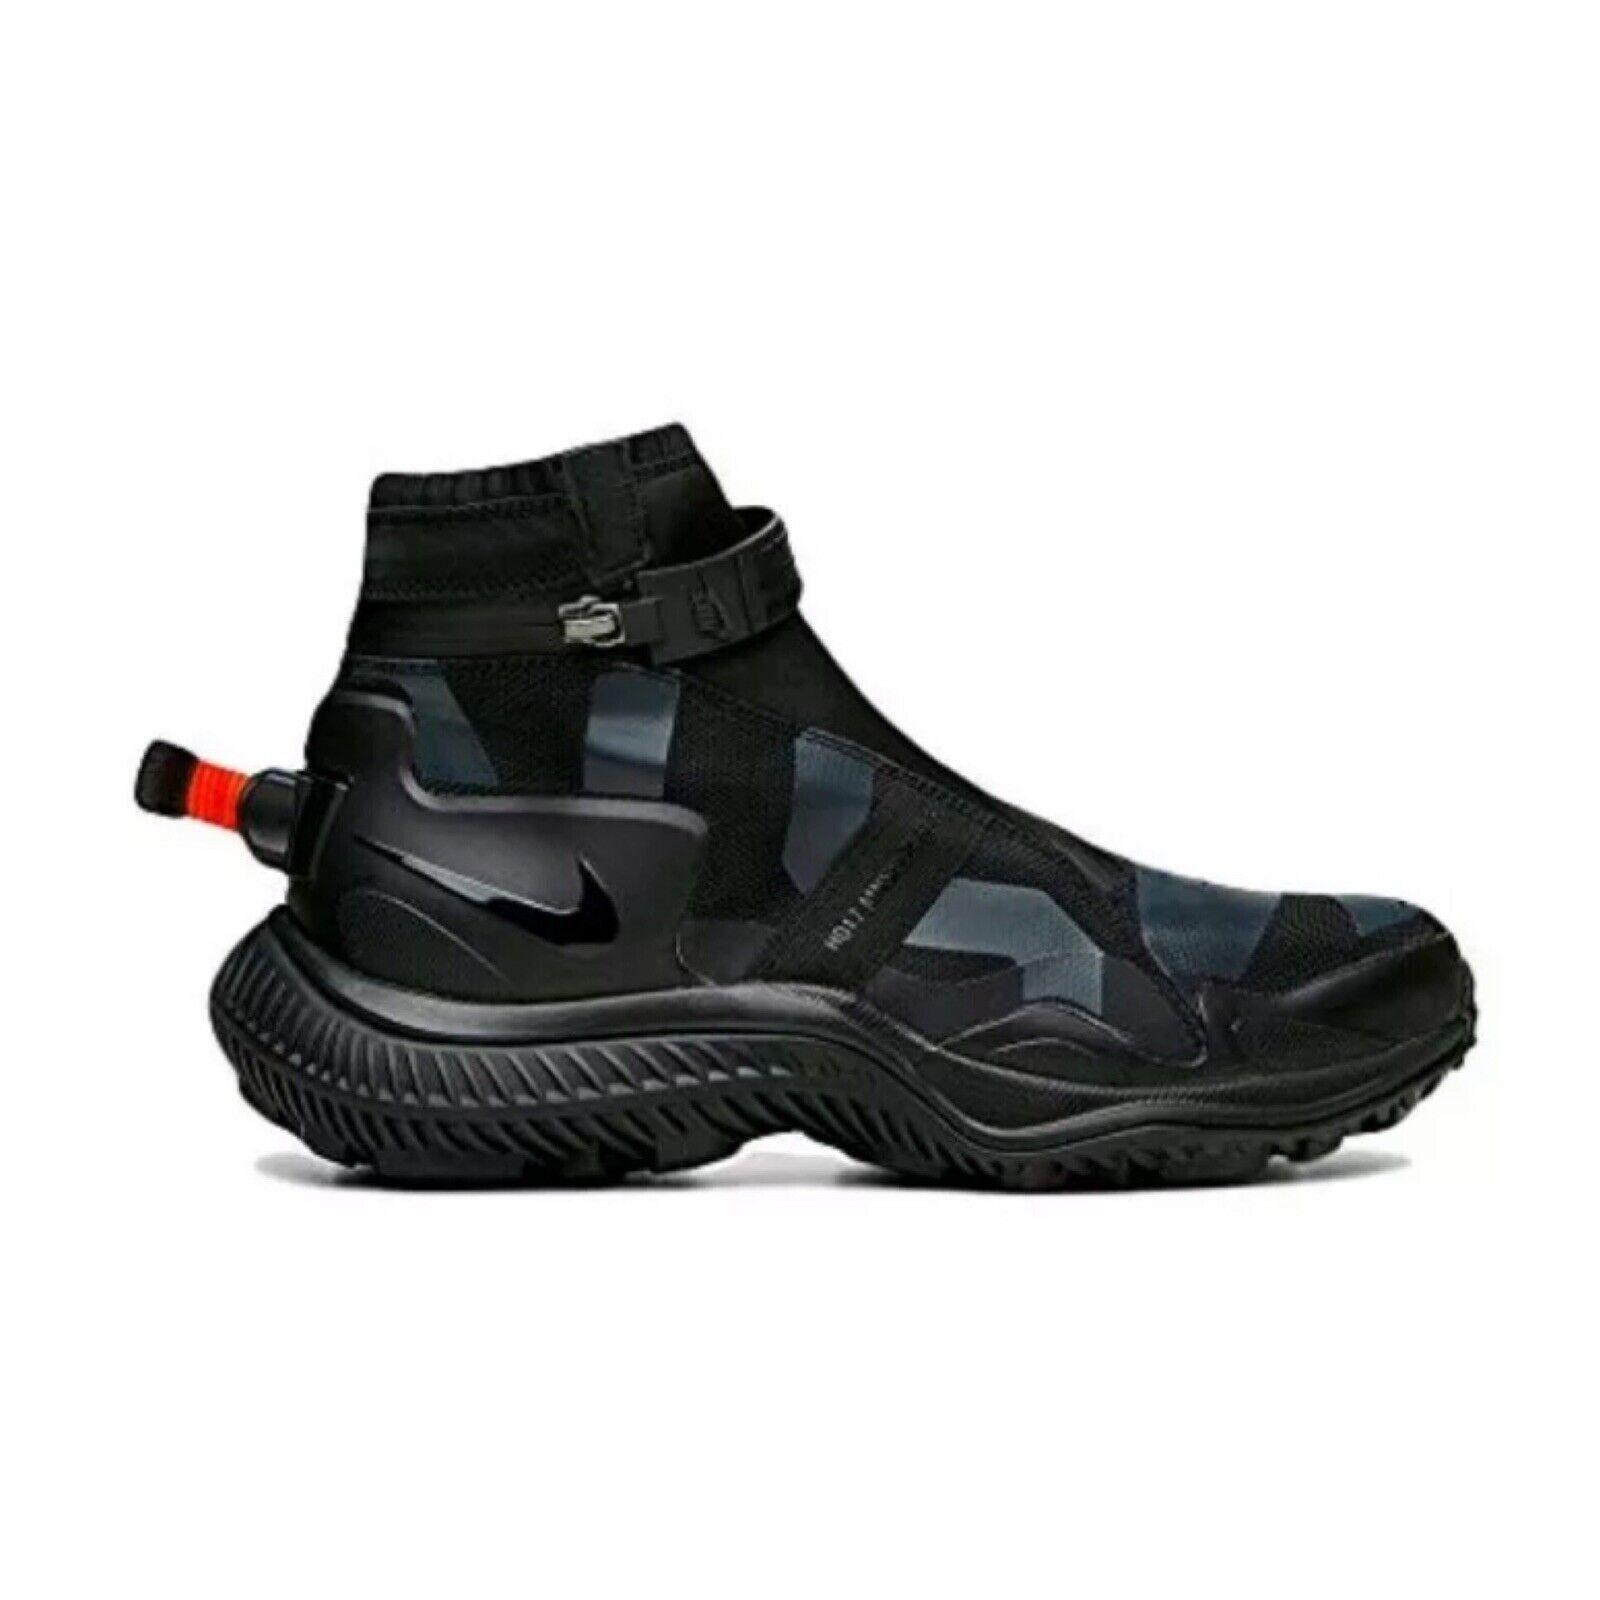 Men's Nike Nikelab NSW Gaiter Boot Black Anthracite AA0530 001 Size 9